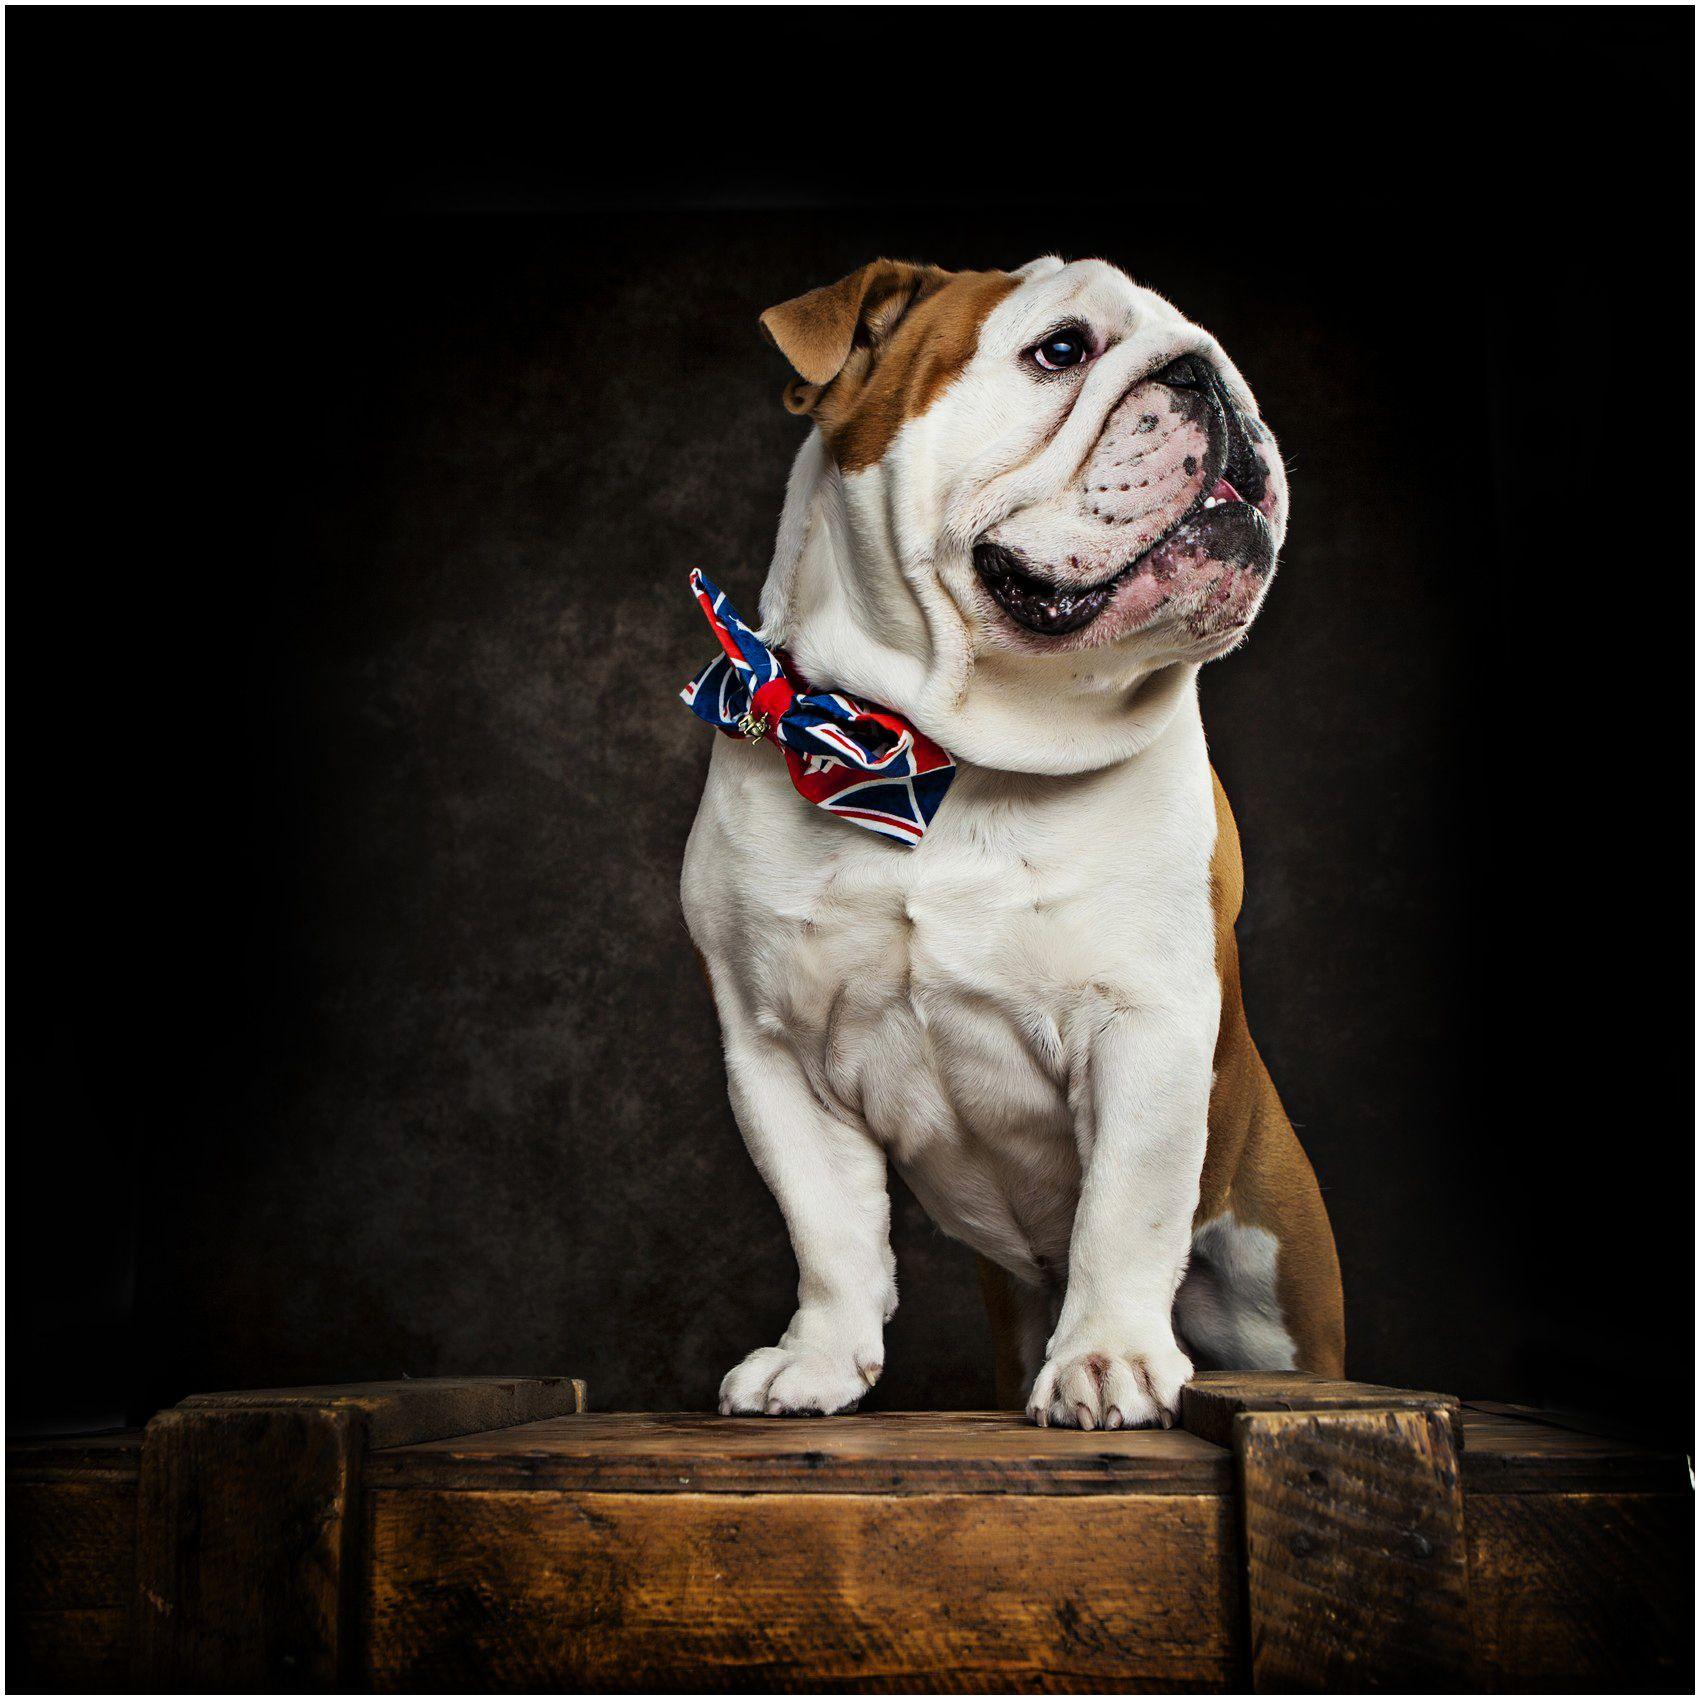 Pet Dog Portrait Photography Psy Buldog